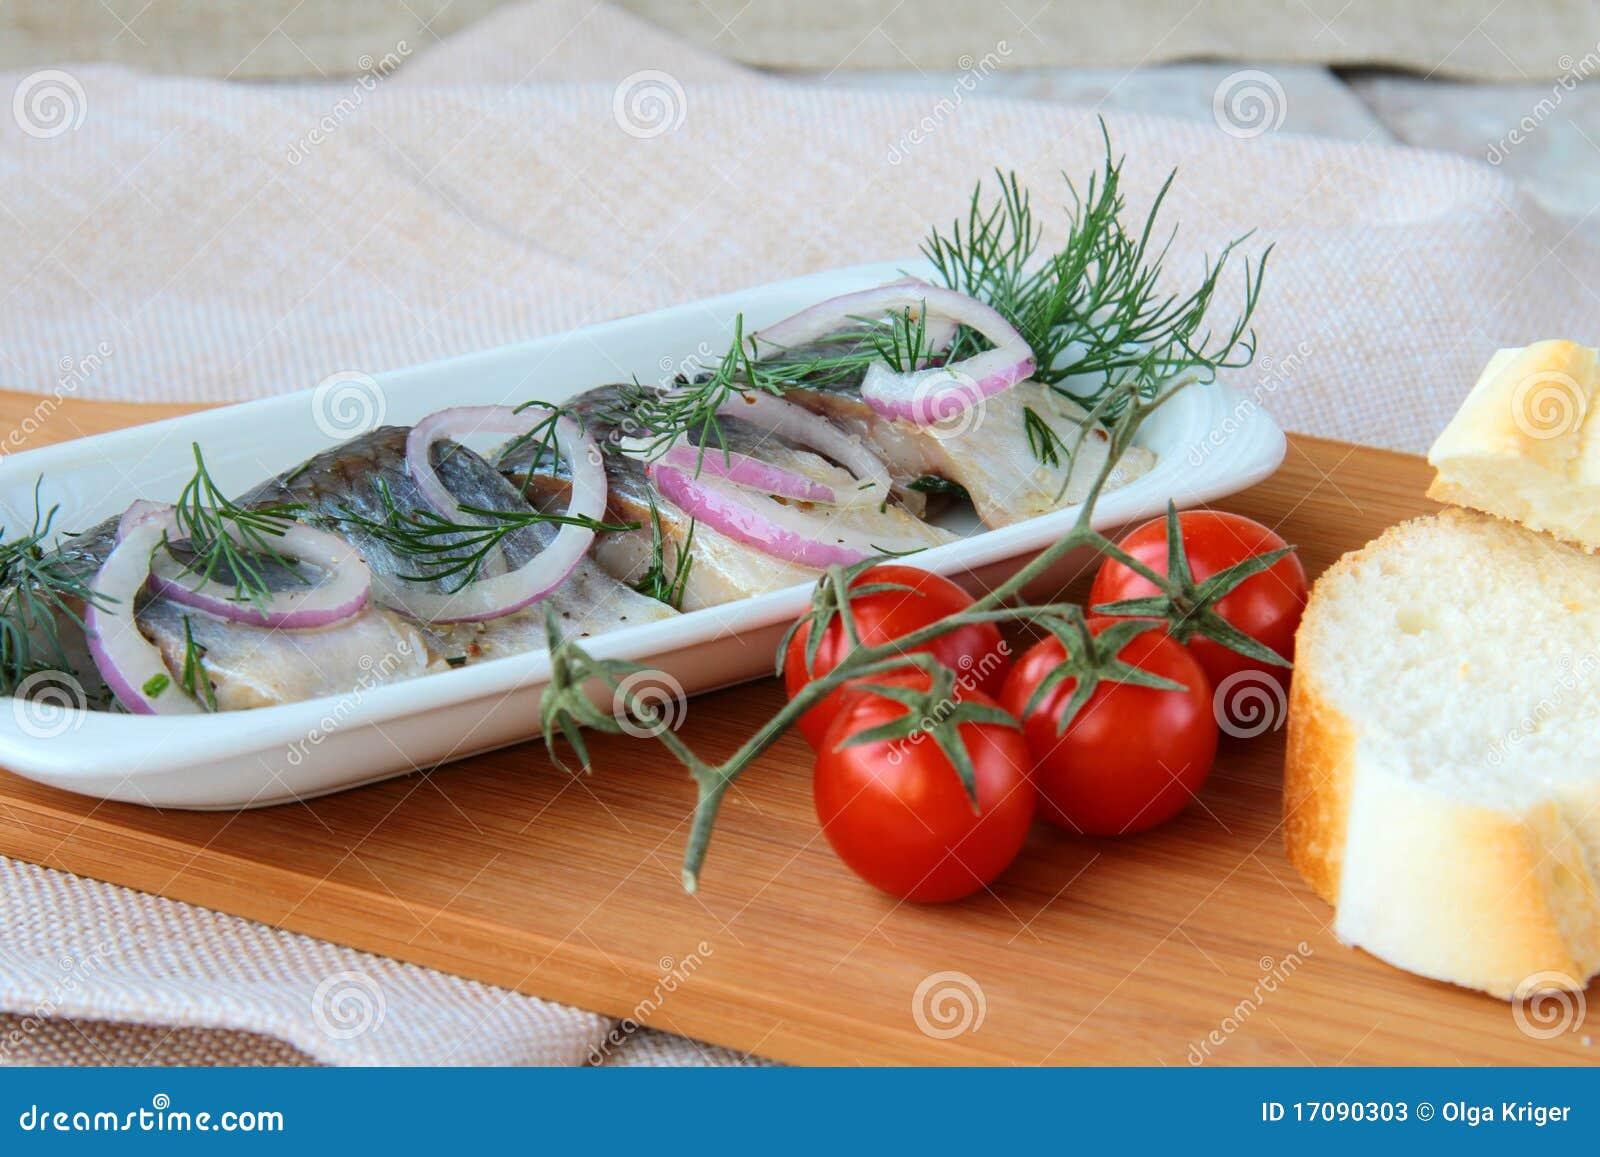 Fischheringe